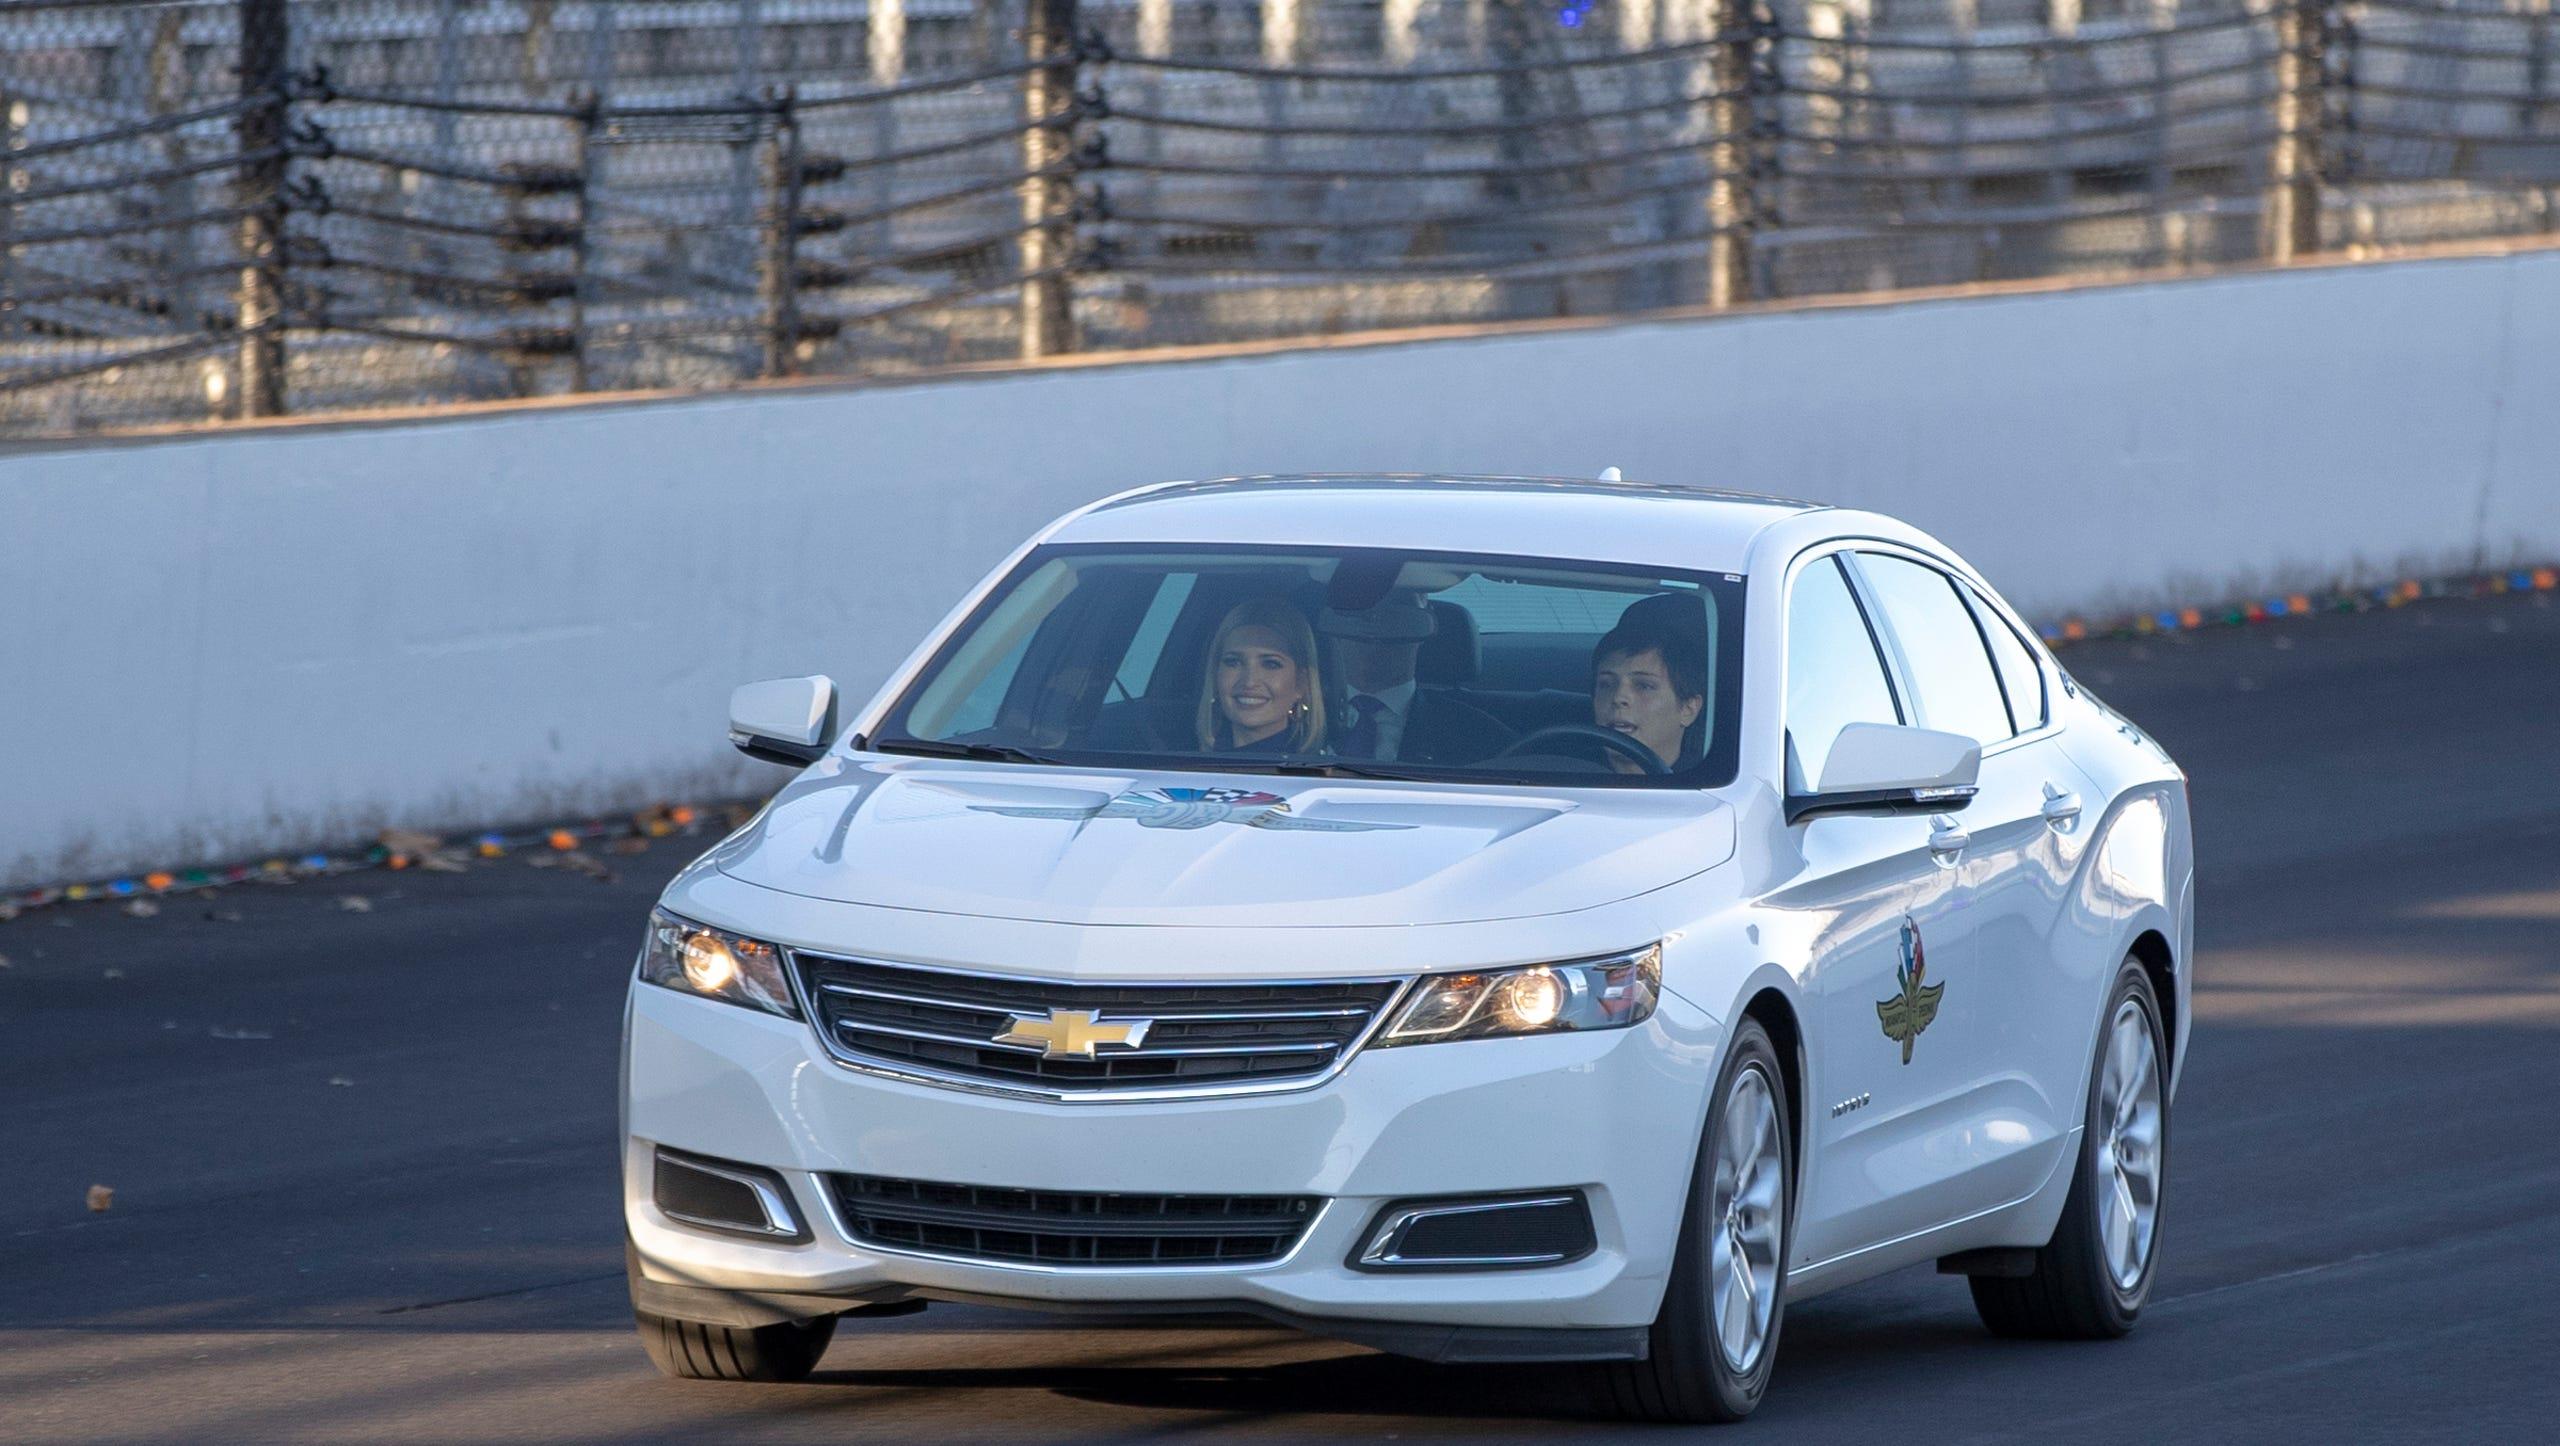 نتيجة بحث الصور عن Ivanka Trump tours Indianapolis Motor Speedway